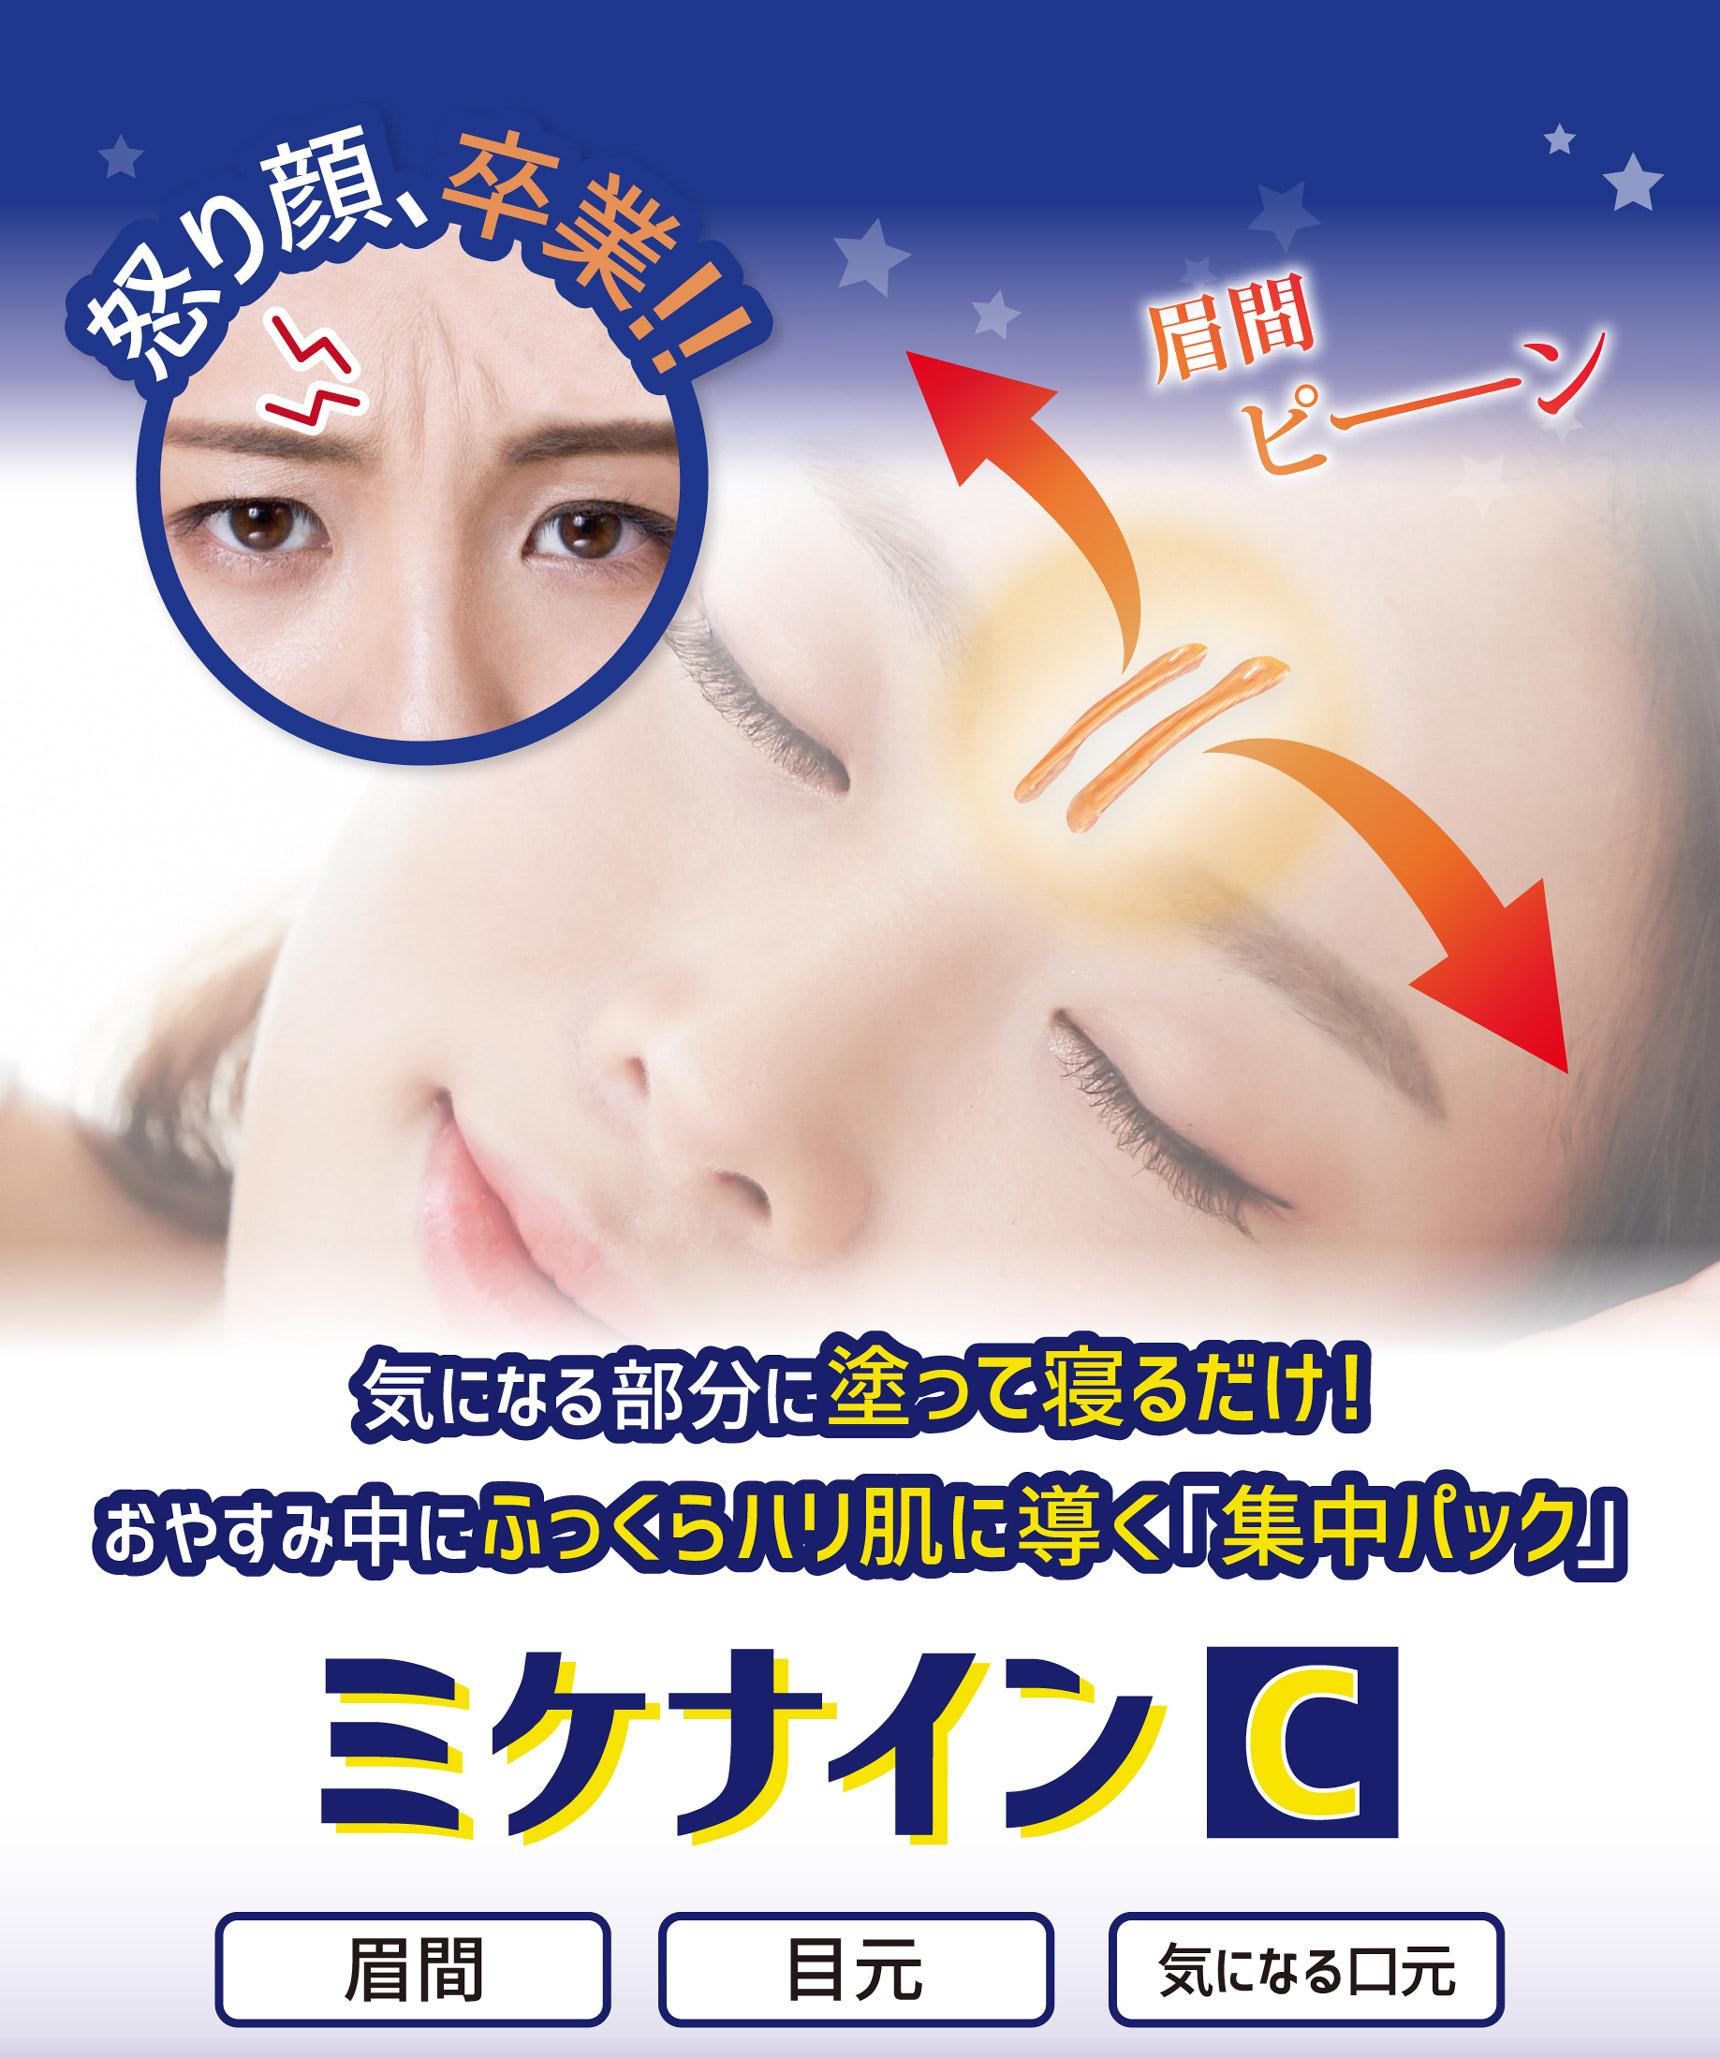 気になる部分に塗って寝るだけ!おやすみ中にふっくらハリ肌に導く「集中ポック」ミケナインC 眉間 目元 気になる口元